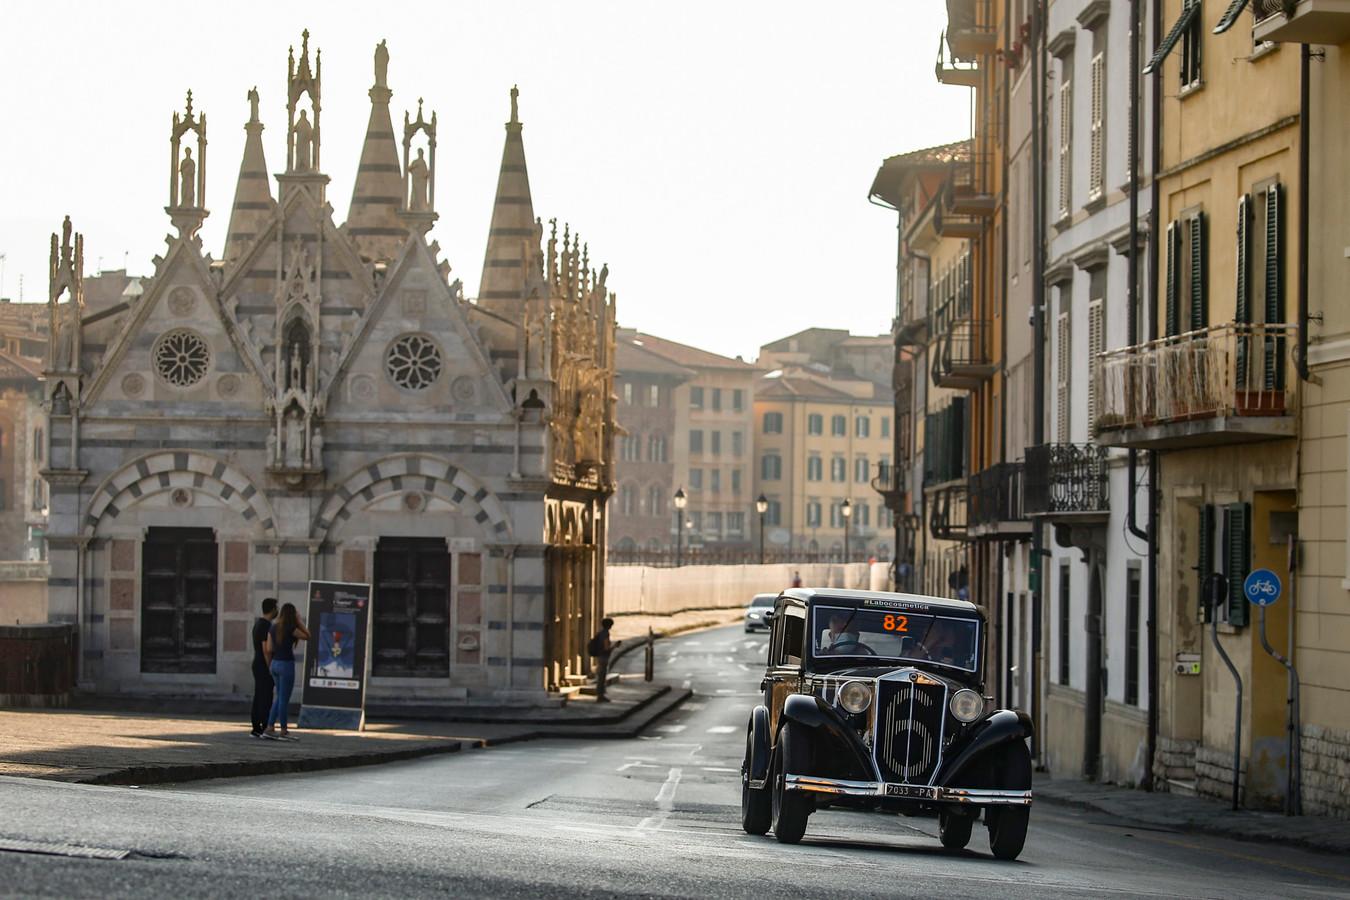 Ook de stad Pisa, bekend van de scheve toren, wordt aangedaan in de Mille Miglia.